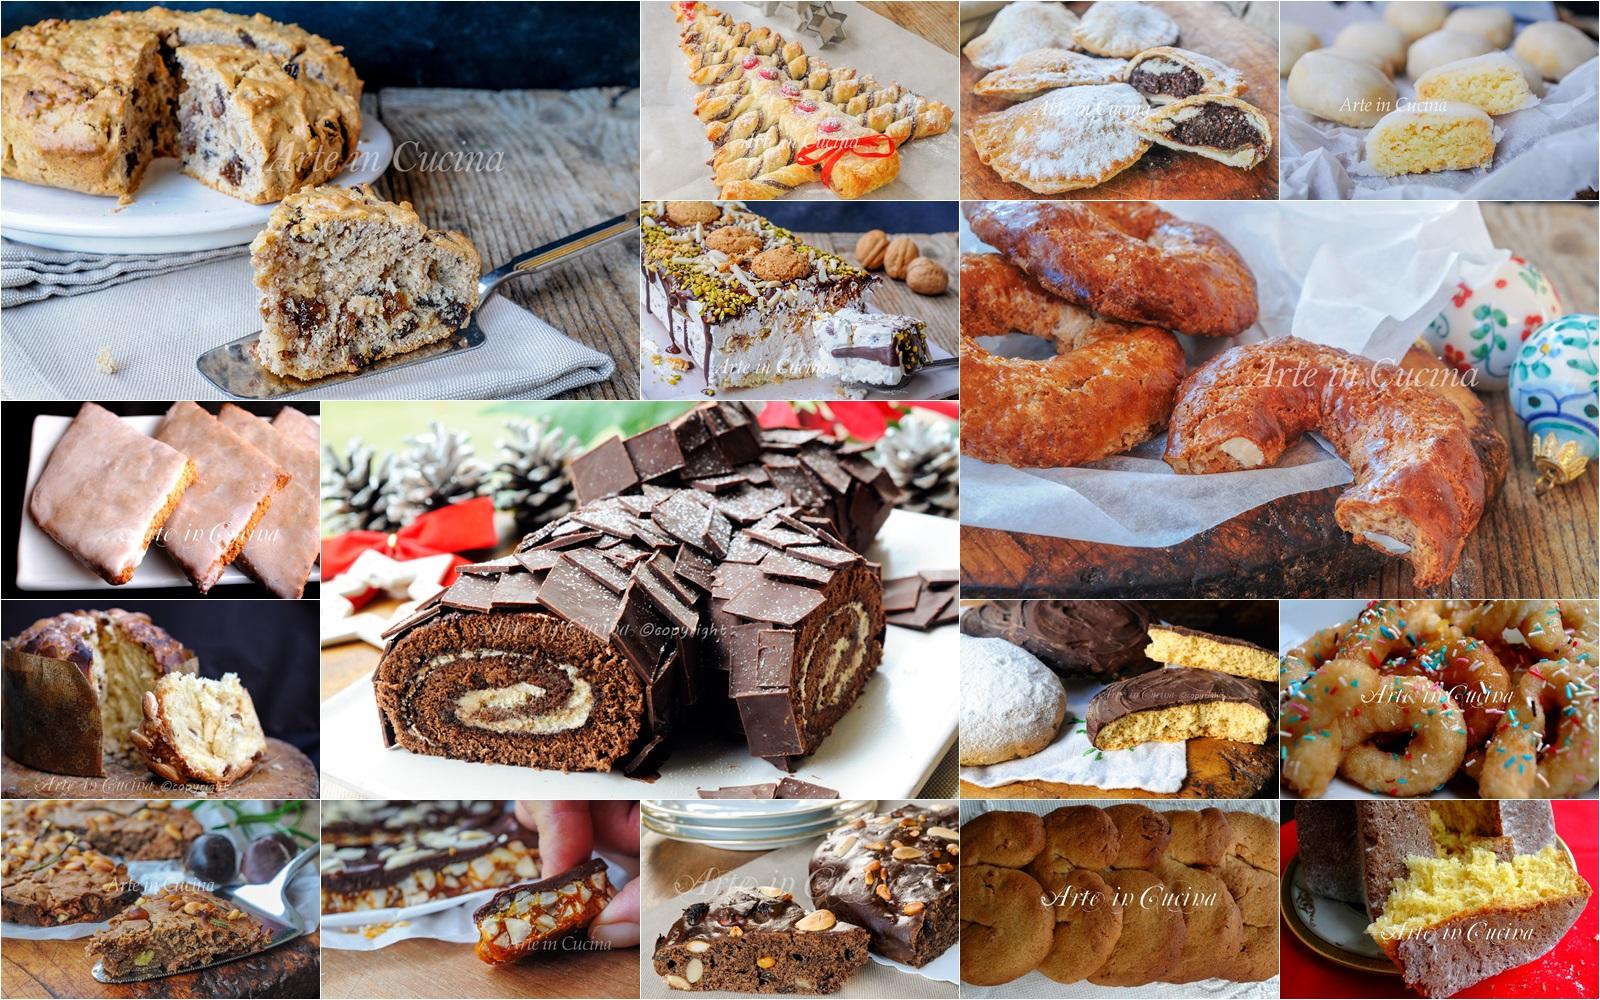 Dolci di Natale veloci e facili ricette golose vickyart arte in cucina